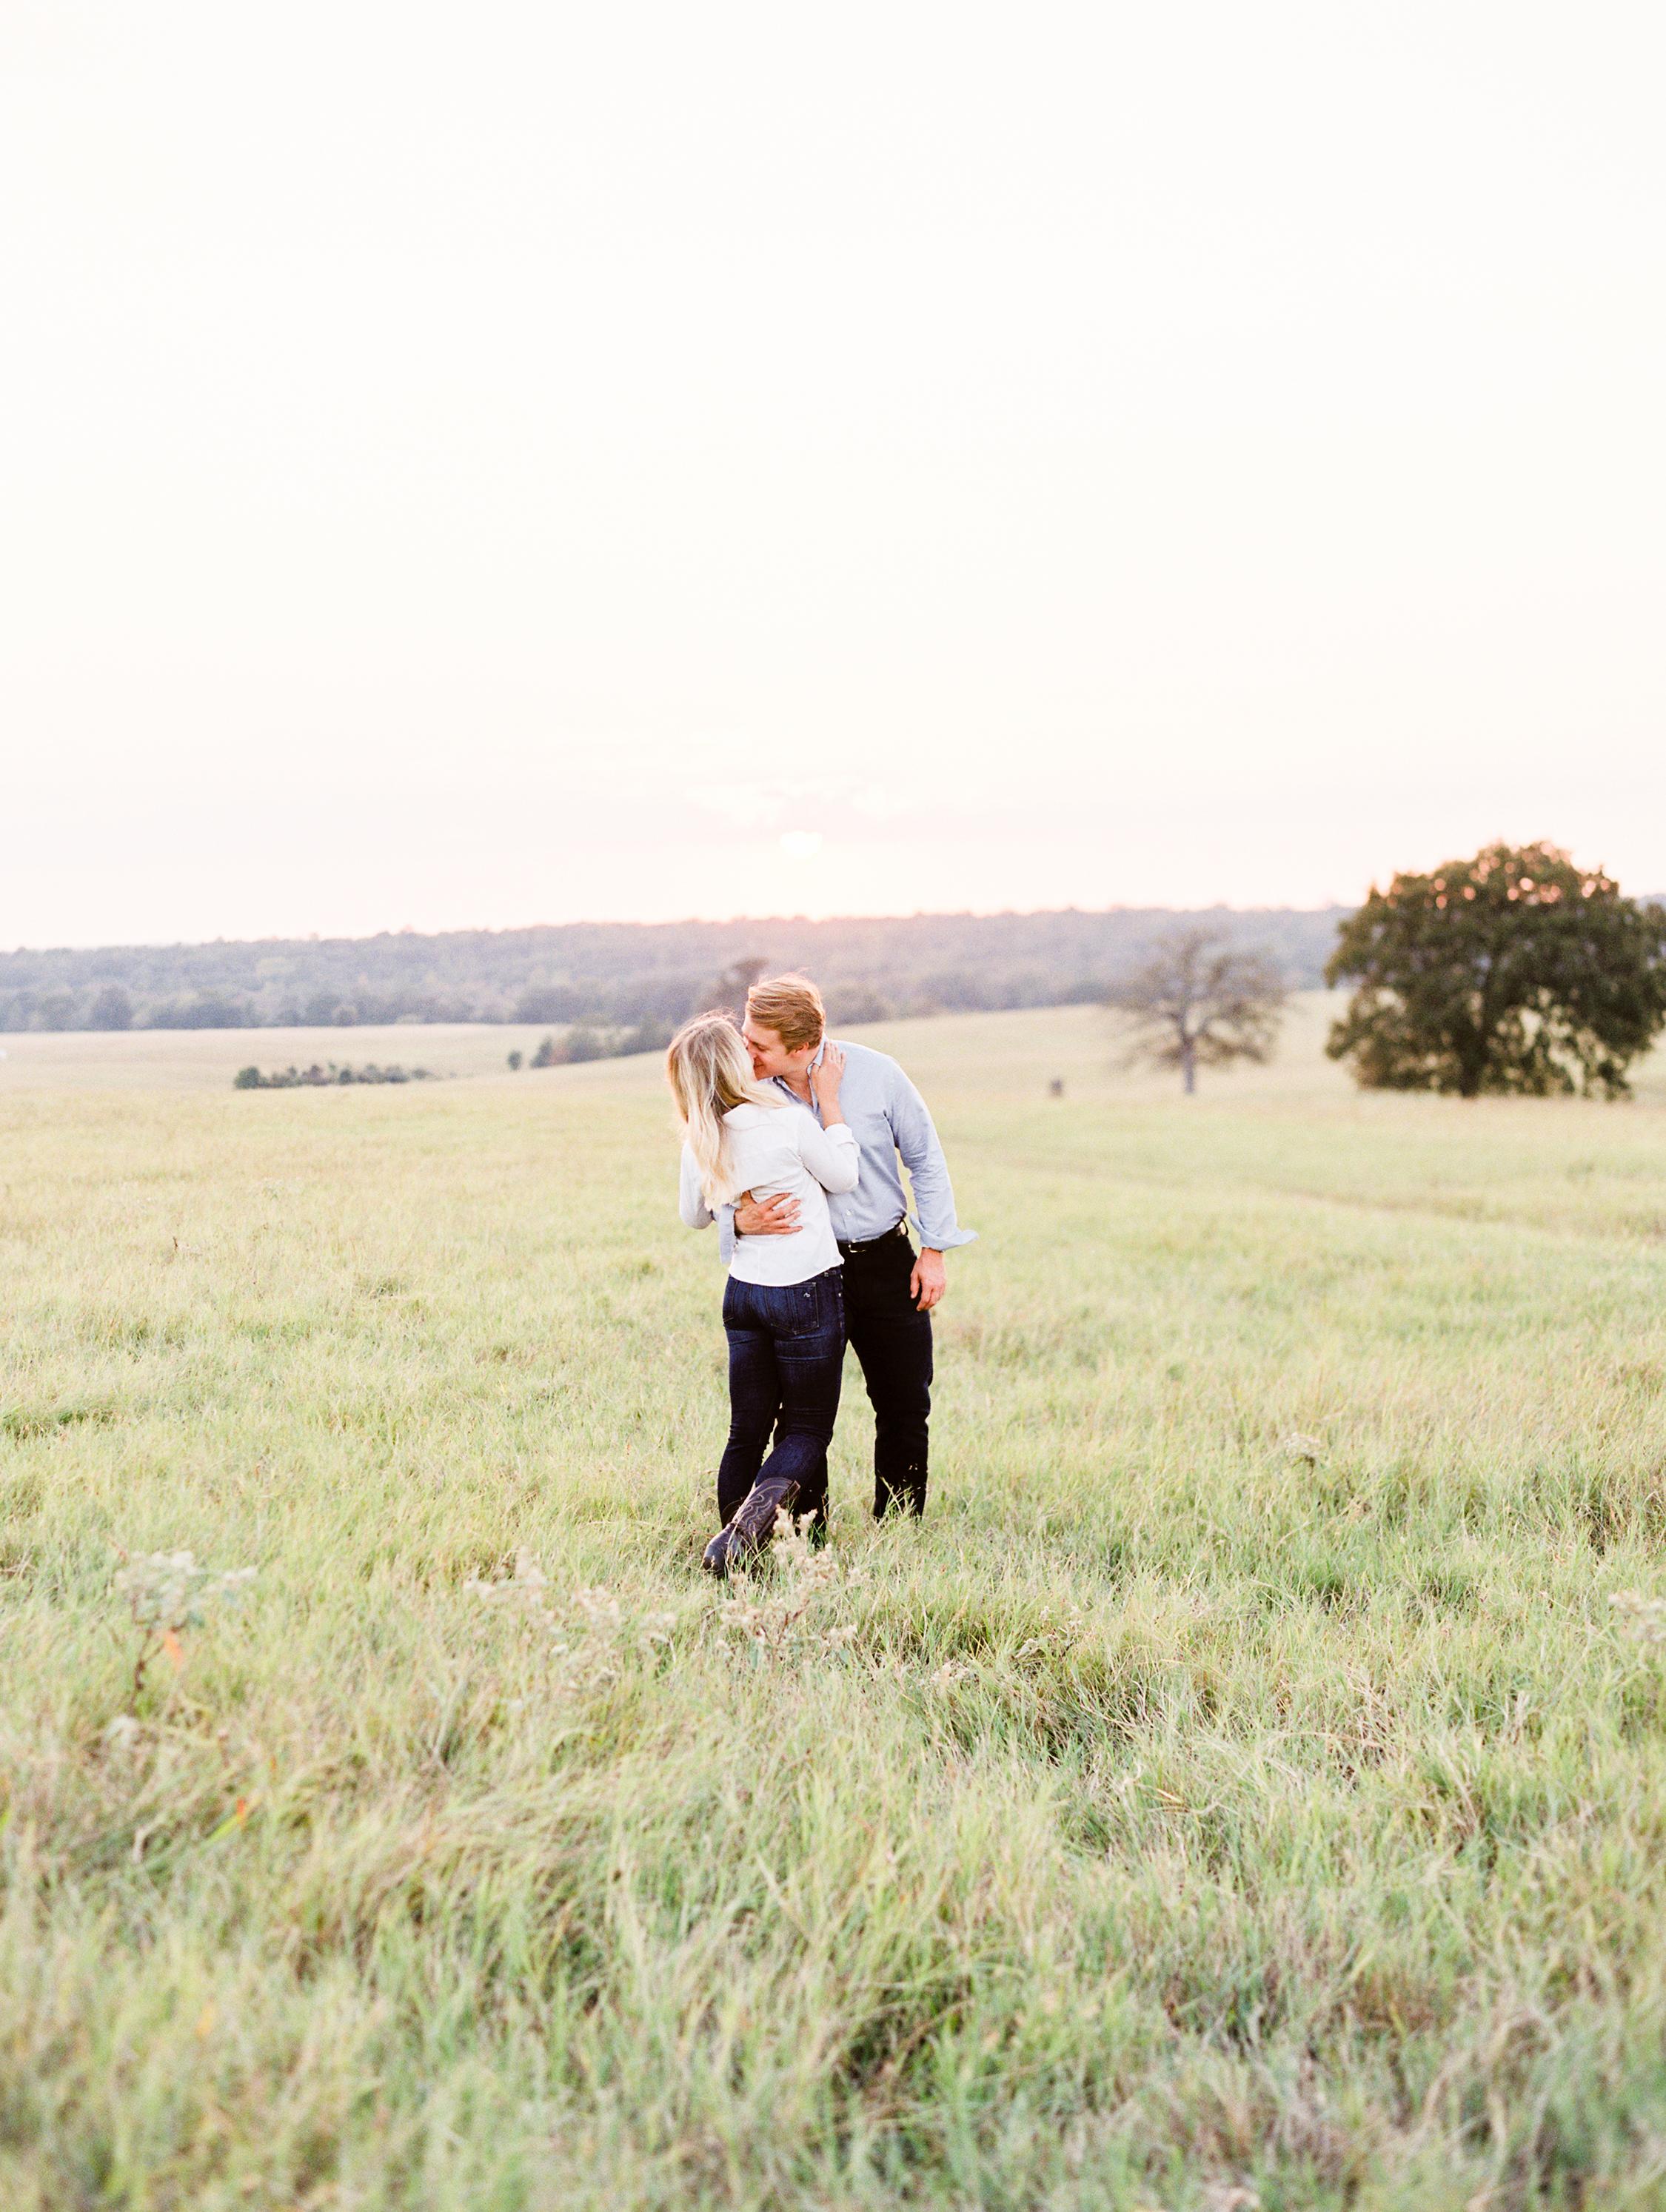 Lauren+John+Engaged+TX-115.jpg